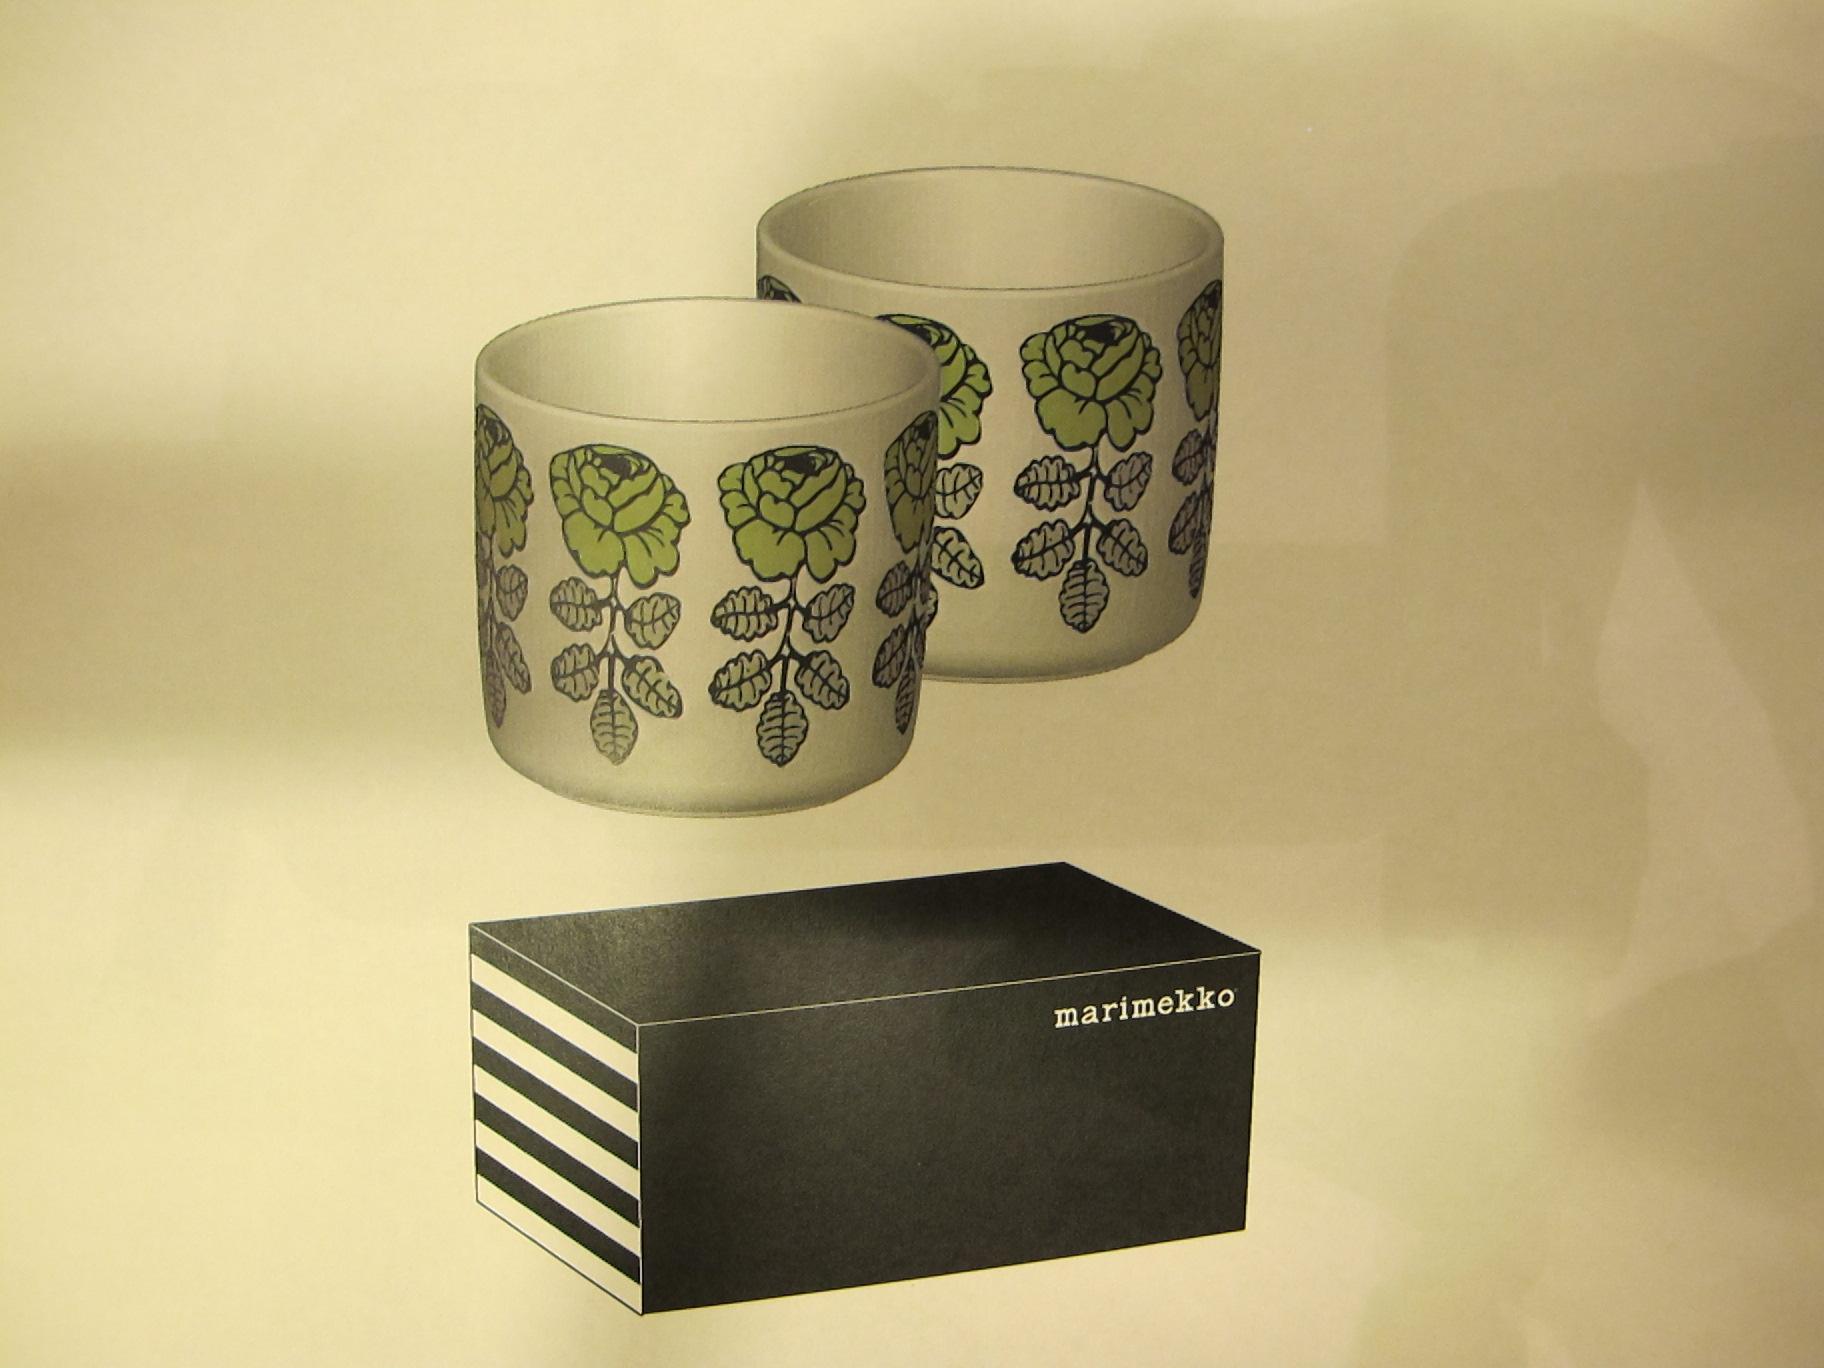 ヴィキルースフリーカップ2個セット発売。_d0182409_13373273.jpg